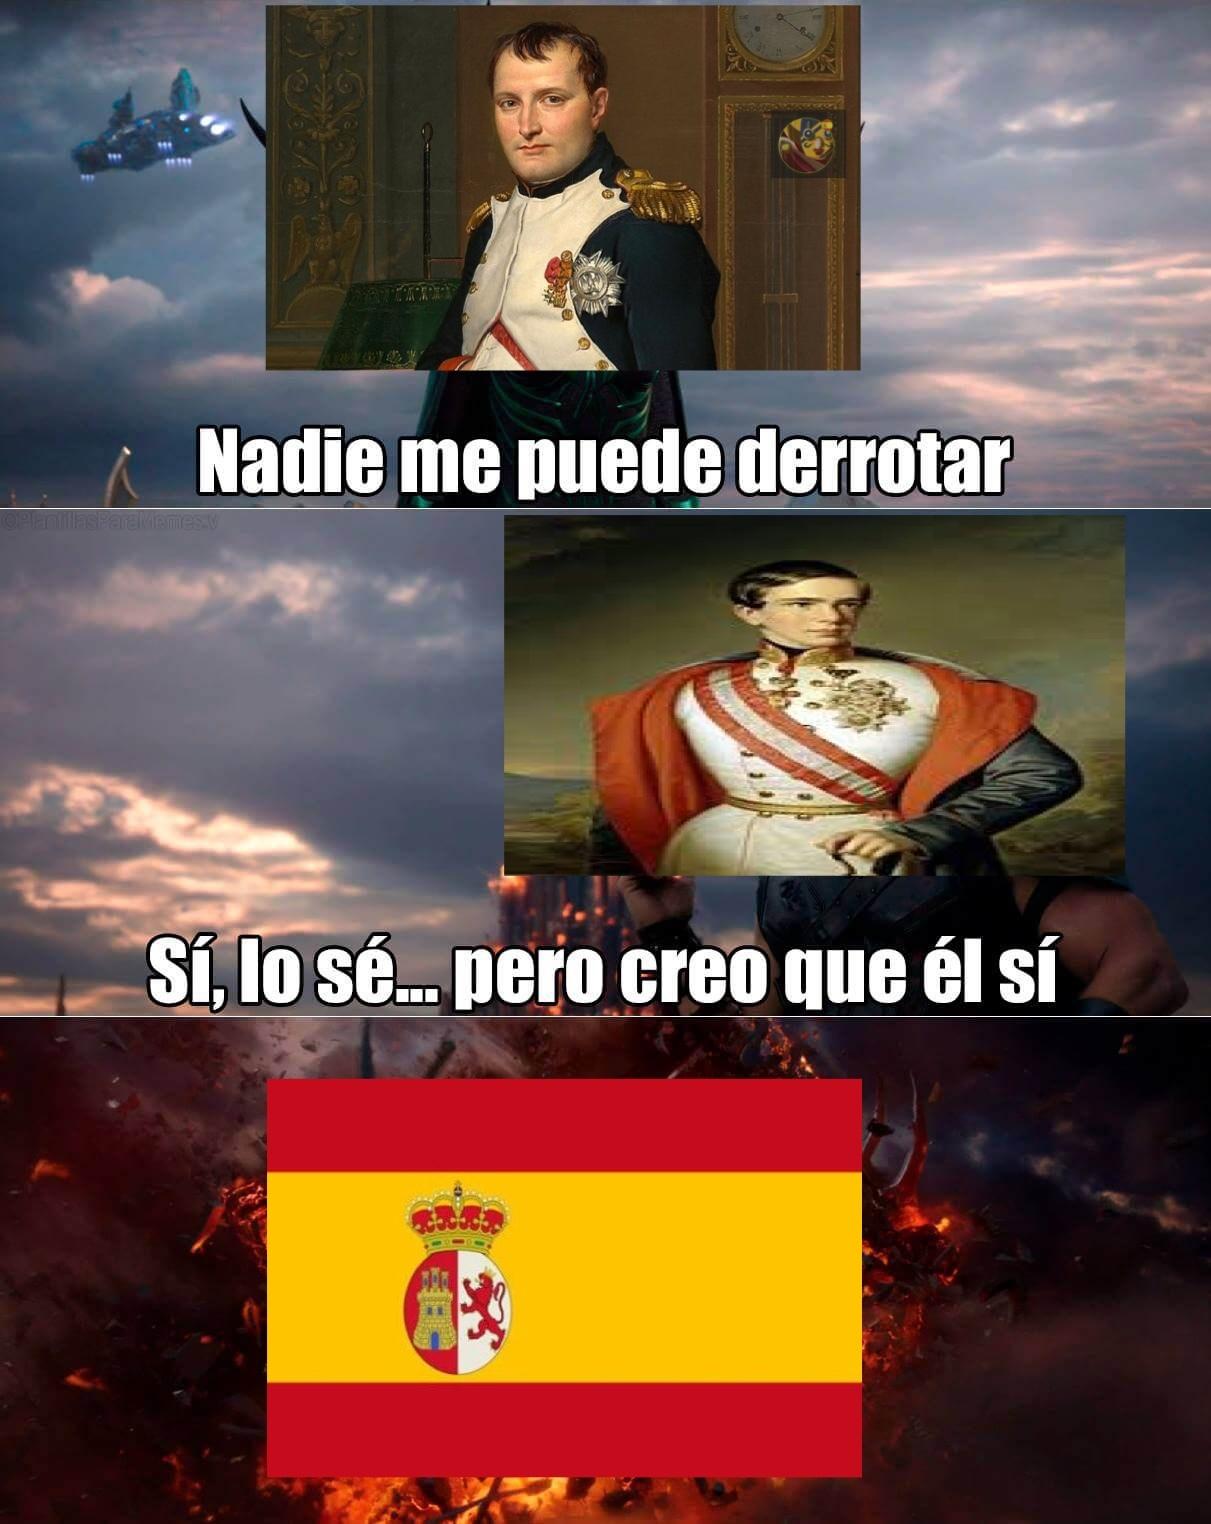 Sogeking PD: El de la segunda foto es Francisco I de Austria. La batalla de Bailén fue la primera derrota de Napoleón, perdió contra España - meme